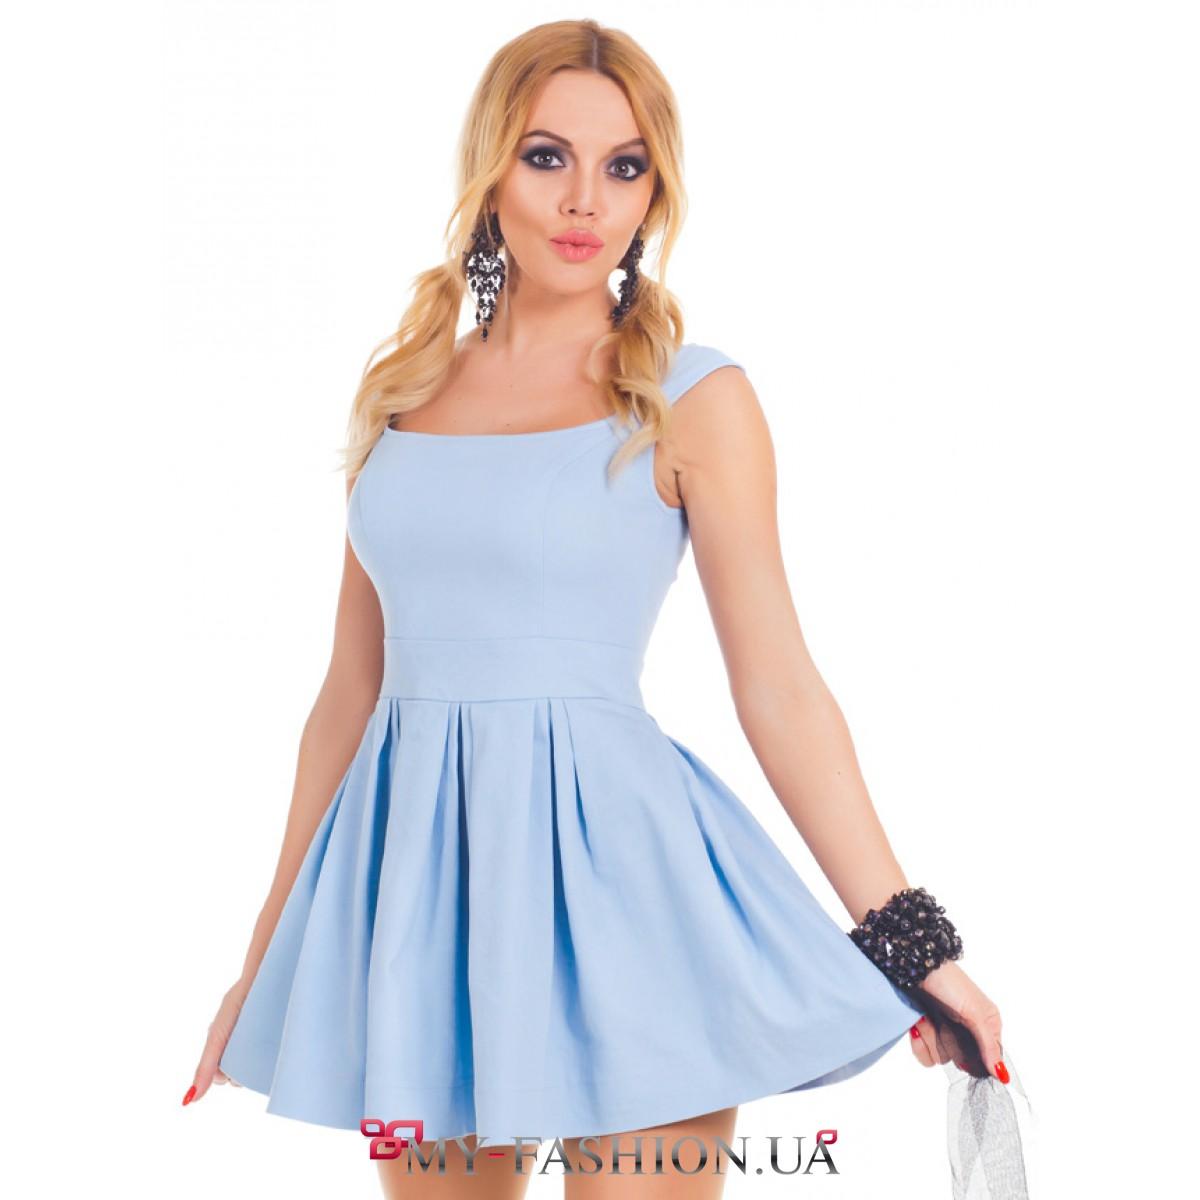 Женская одежда боди доставка